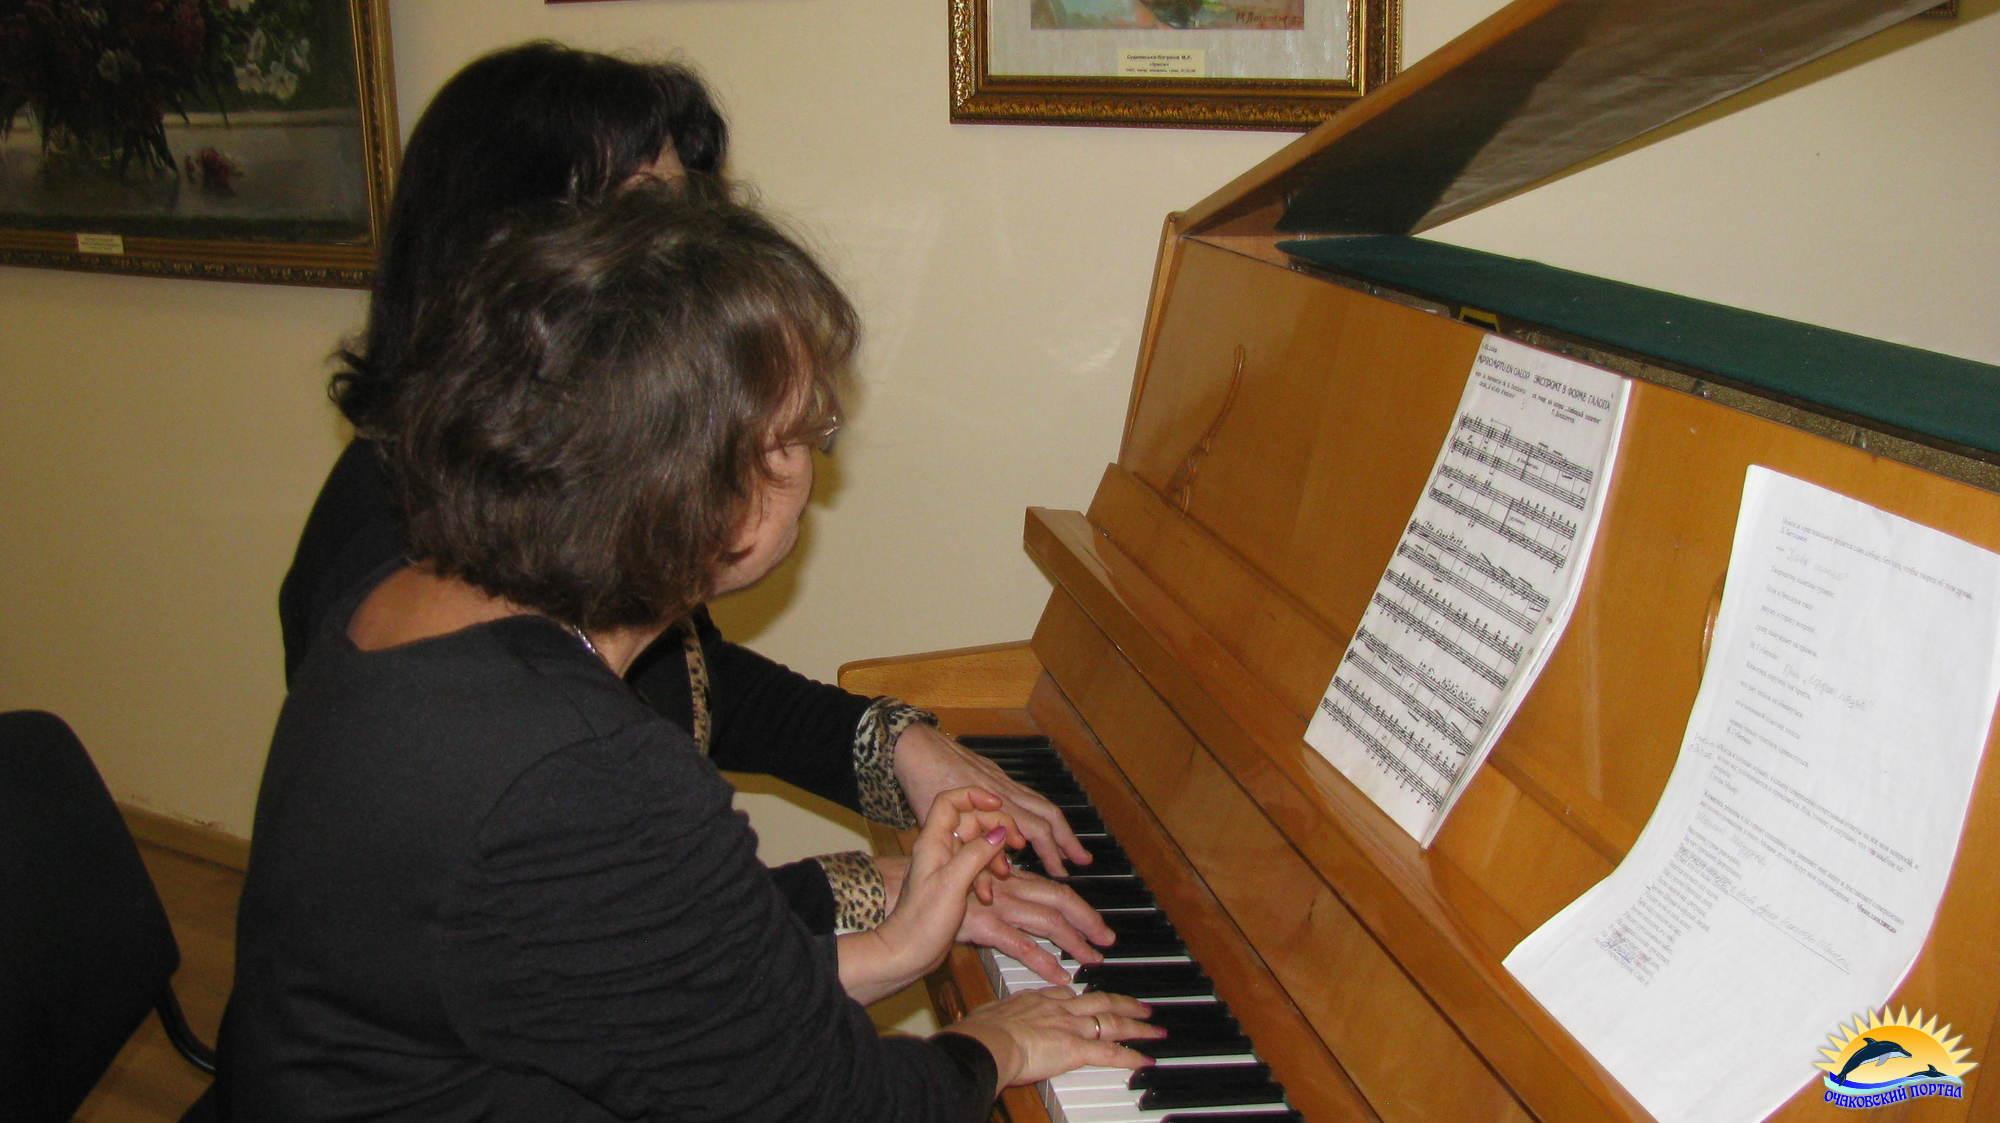 Музыкальный подарок от Робулец С.А. и Швец О.А.